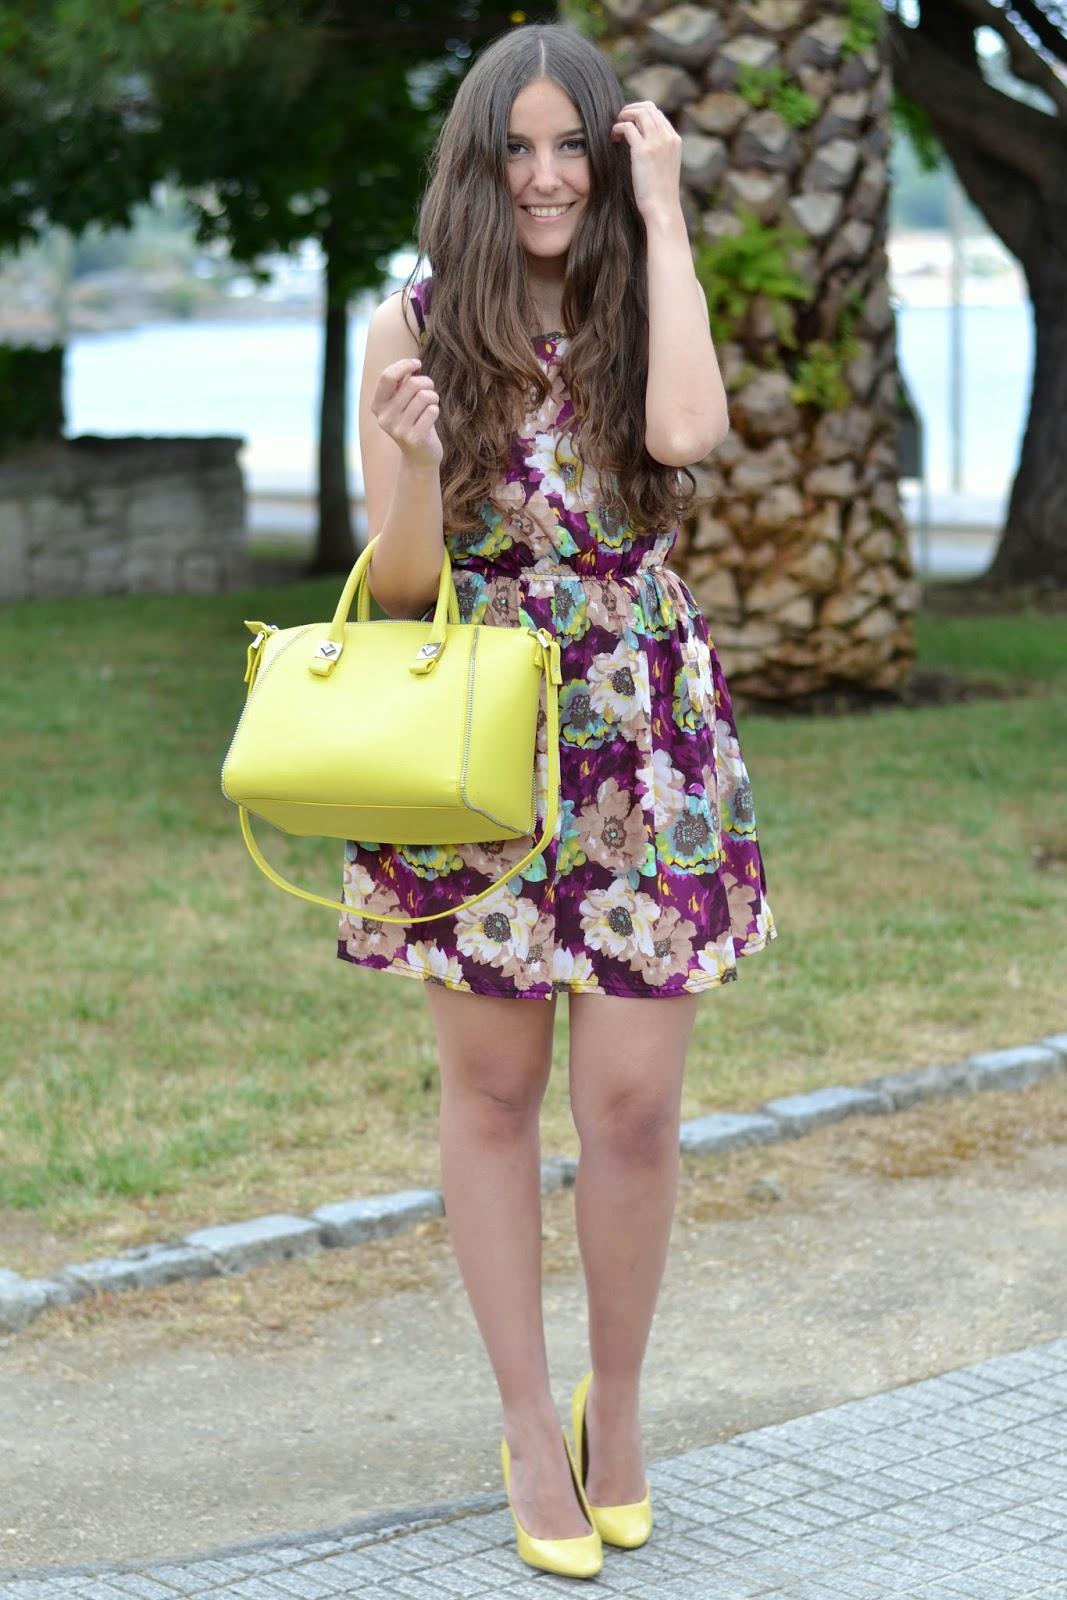 vestido violeta con bolso y zapatos amarillos